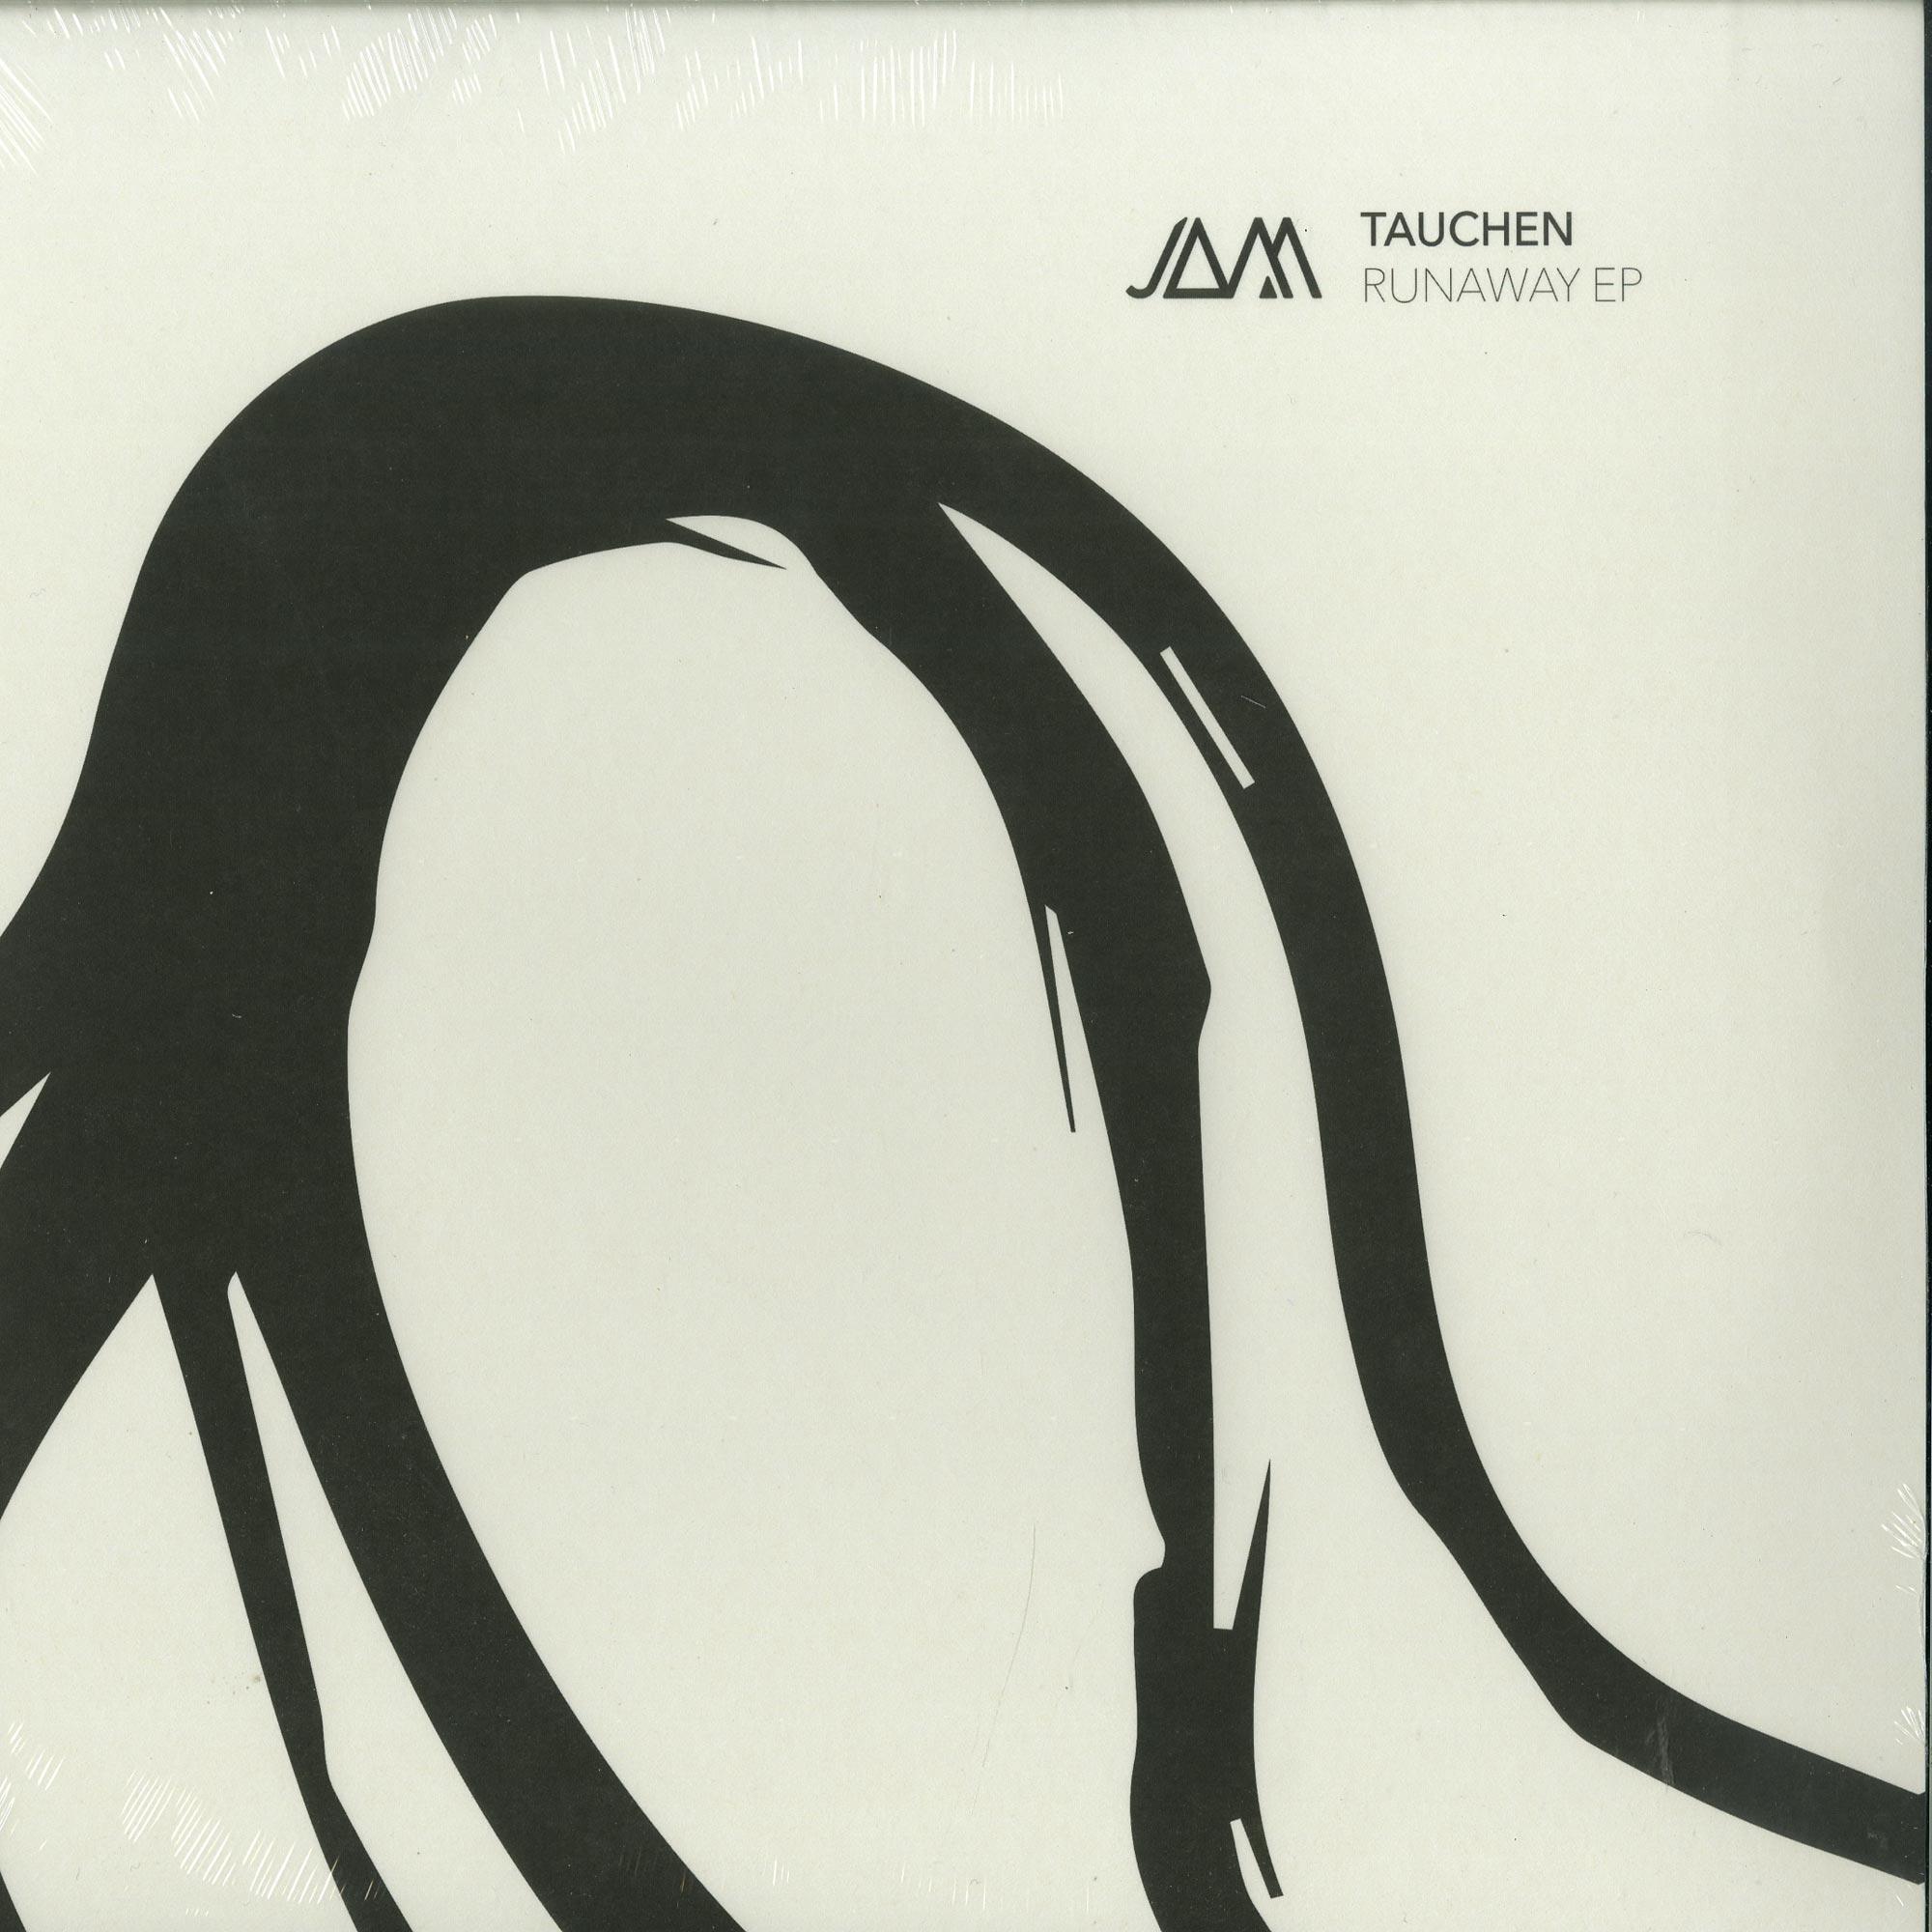 Tauchen - RUNAWAY EP